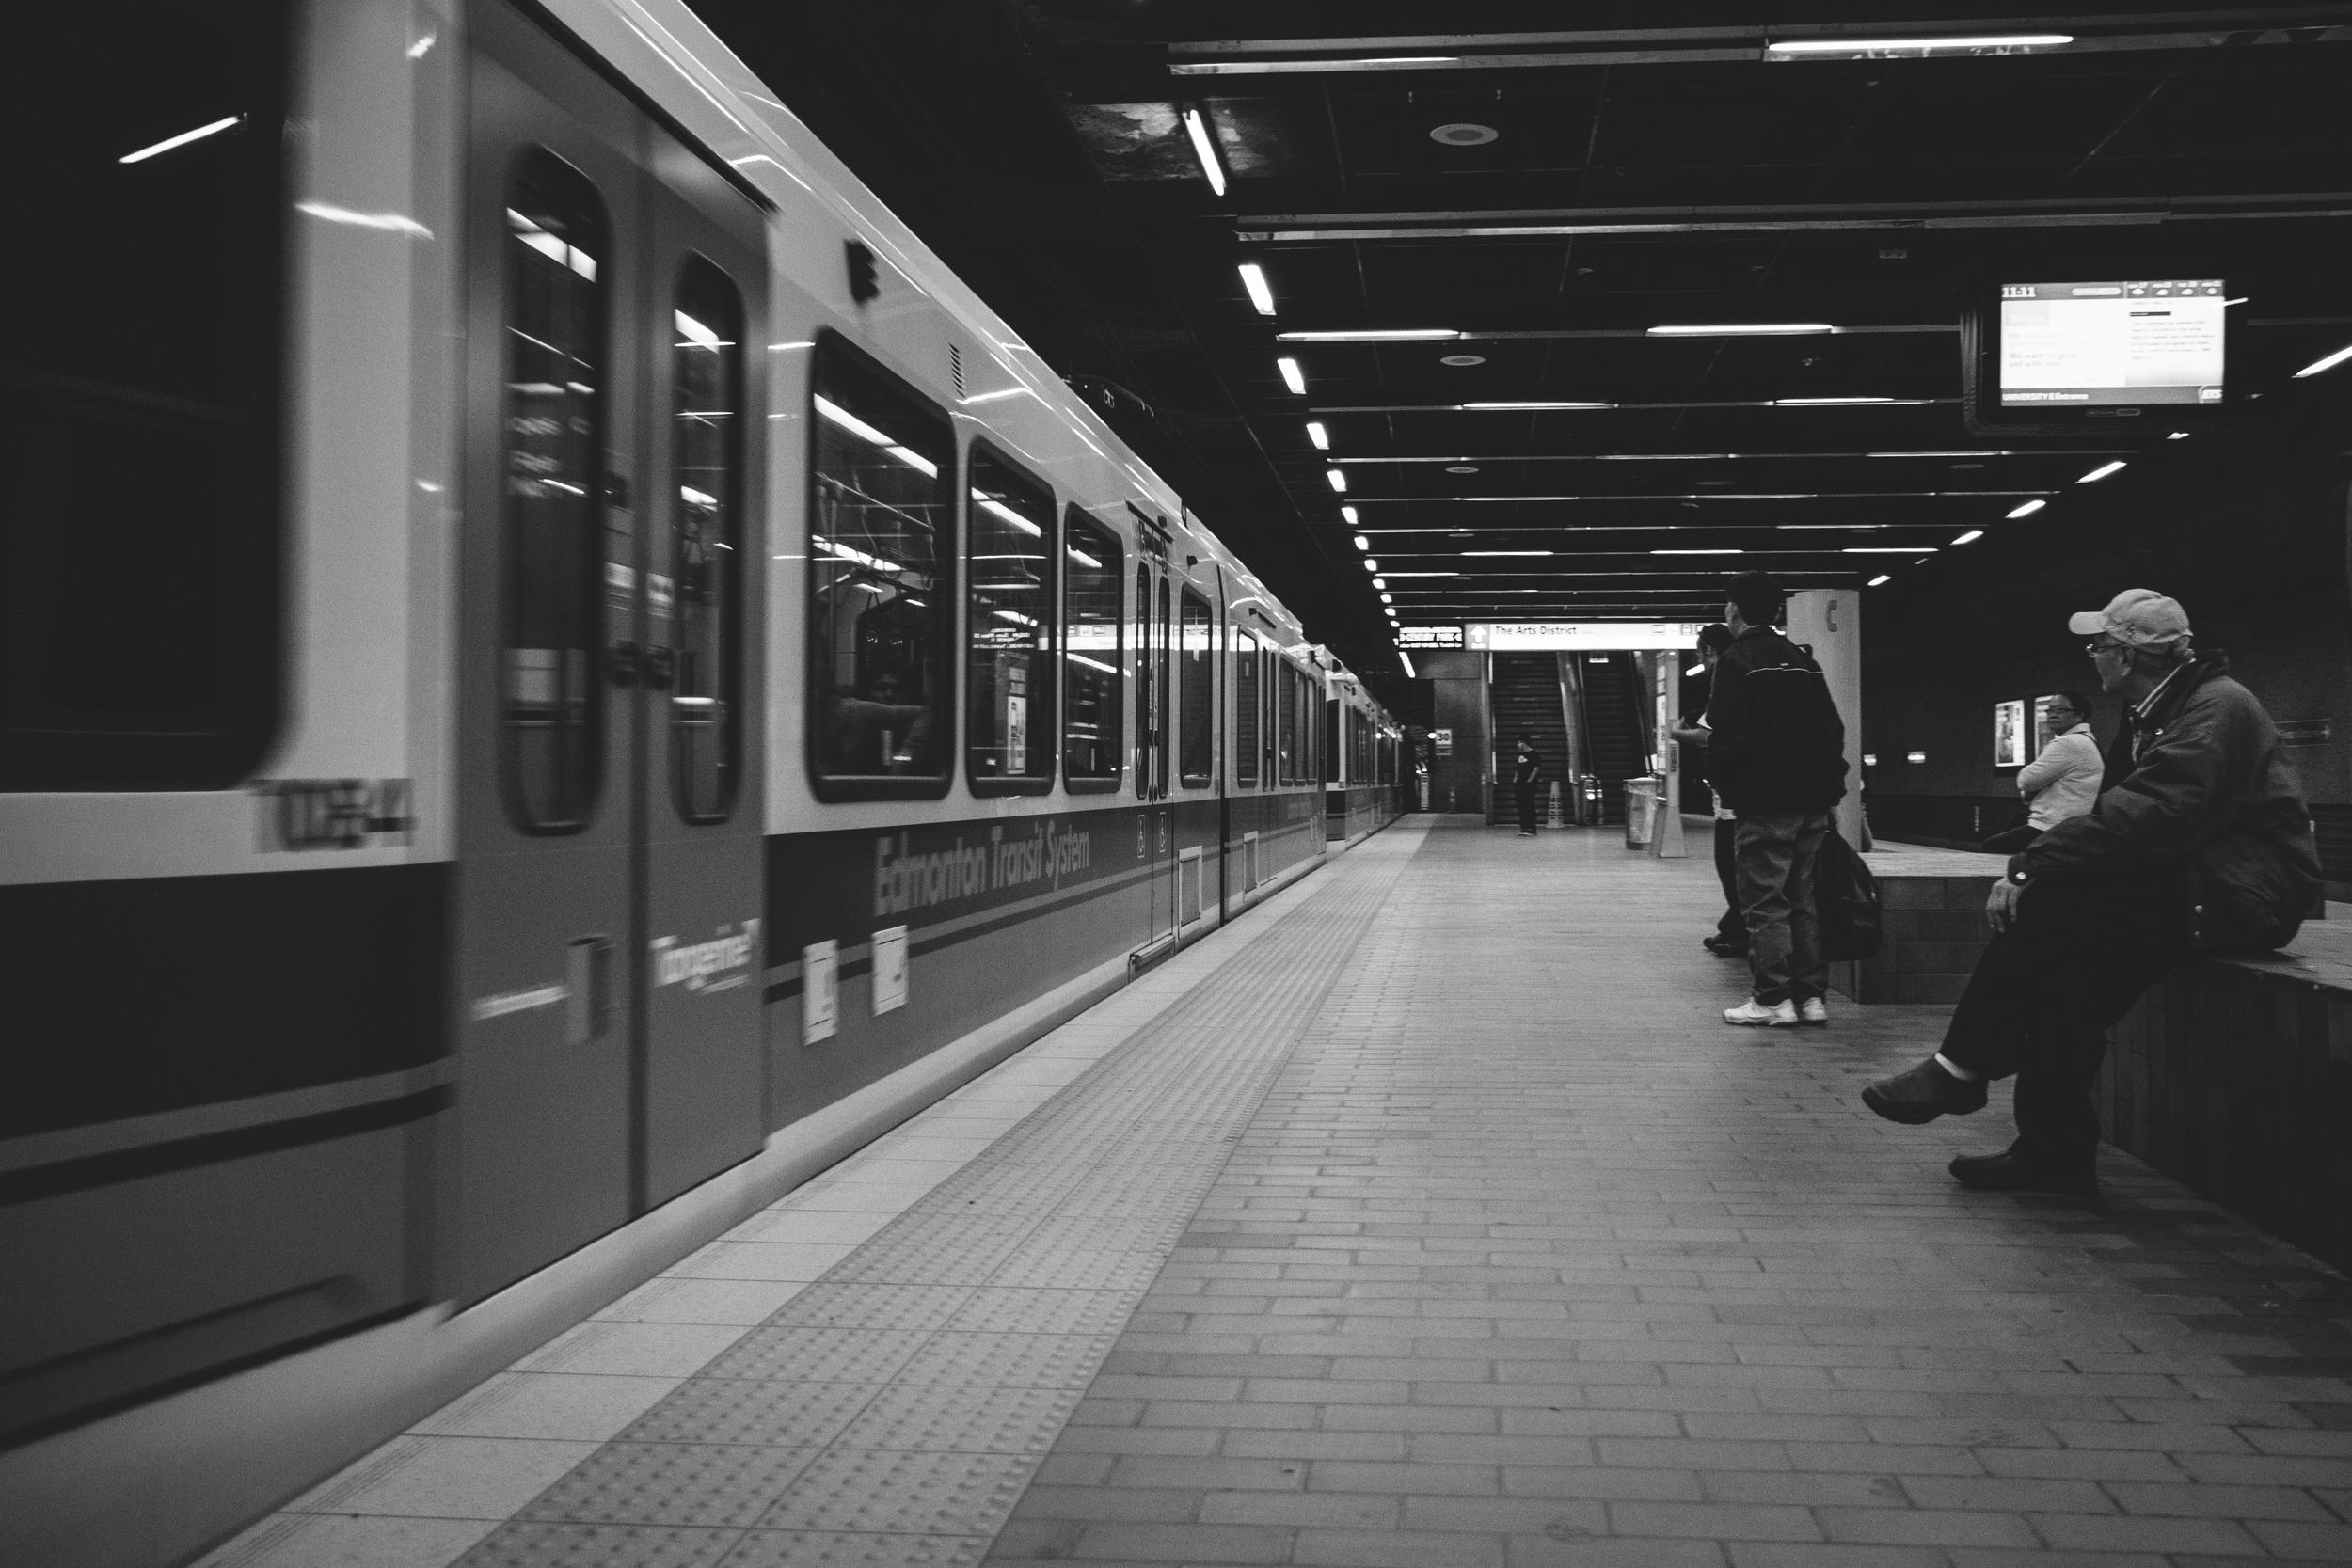 Down the Platform / Canon 7d